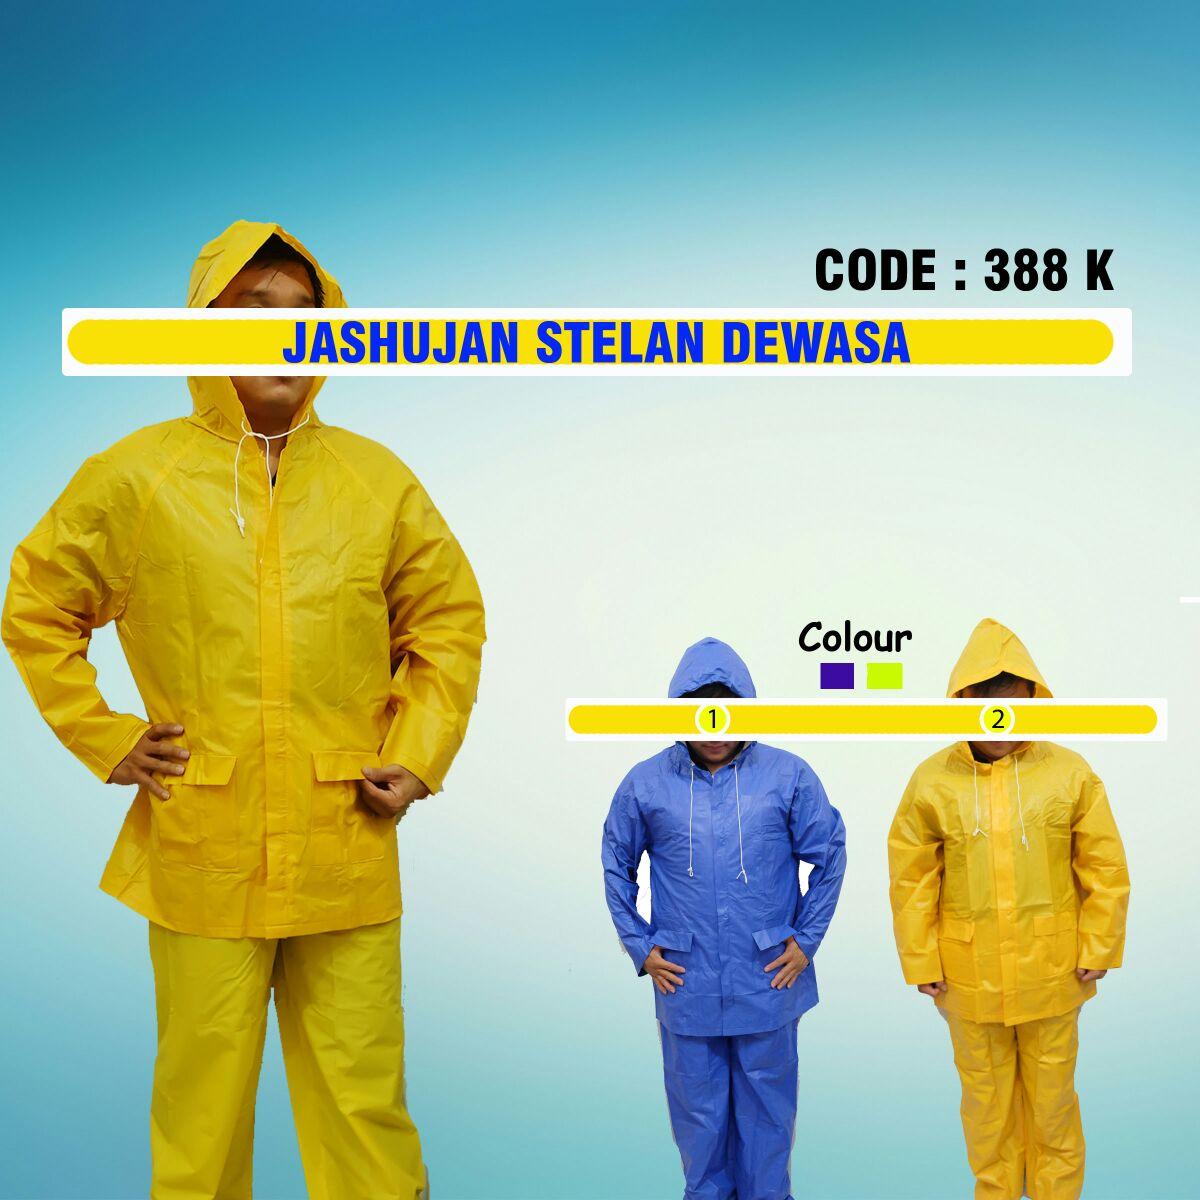 Jas Hujan Setelan Dewasa code 388K